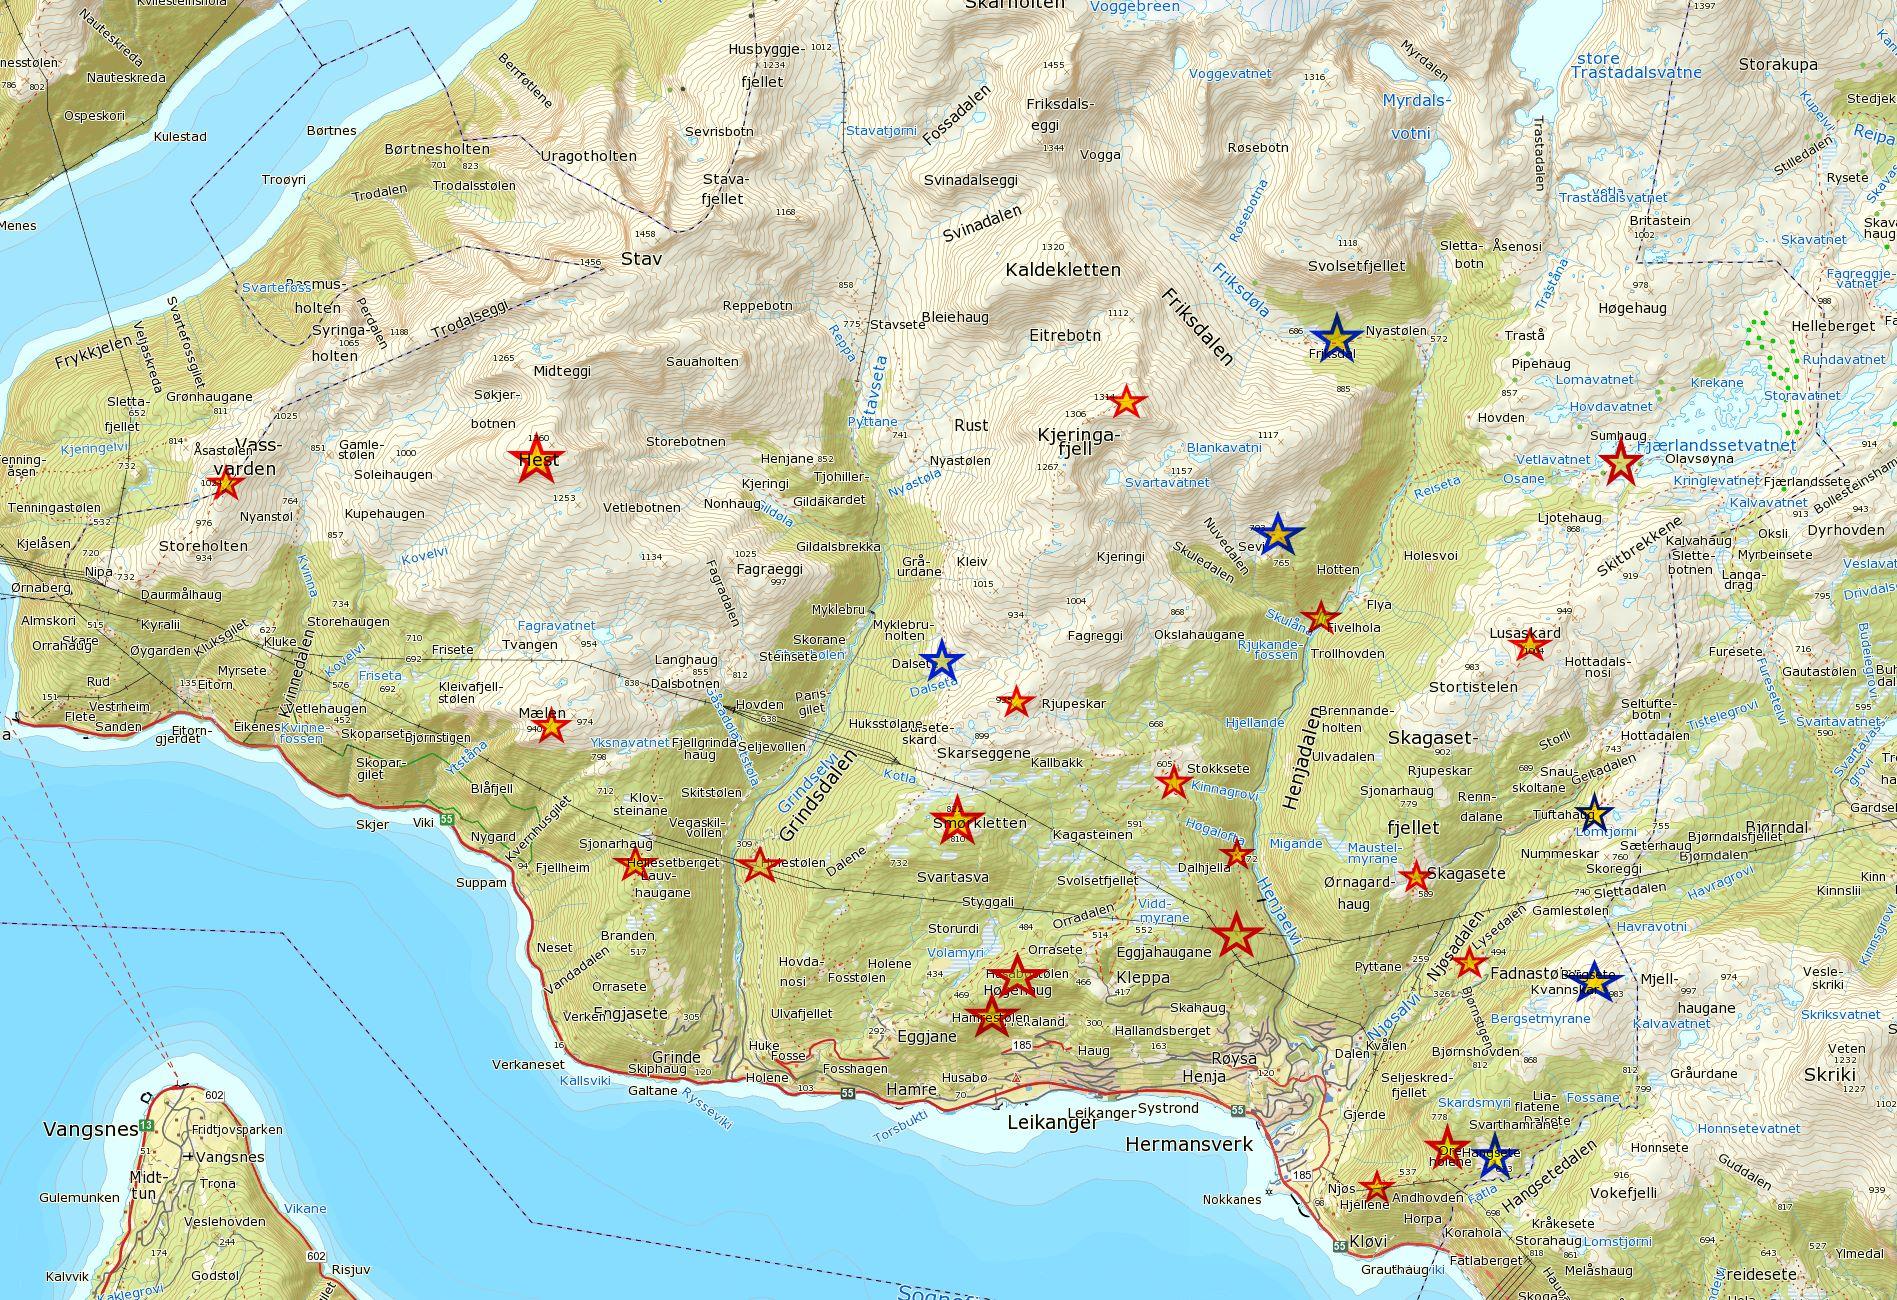 Kart over turpostar 2020v2